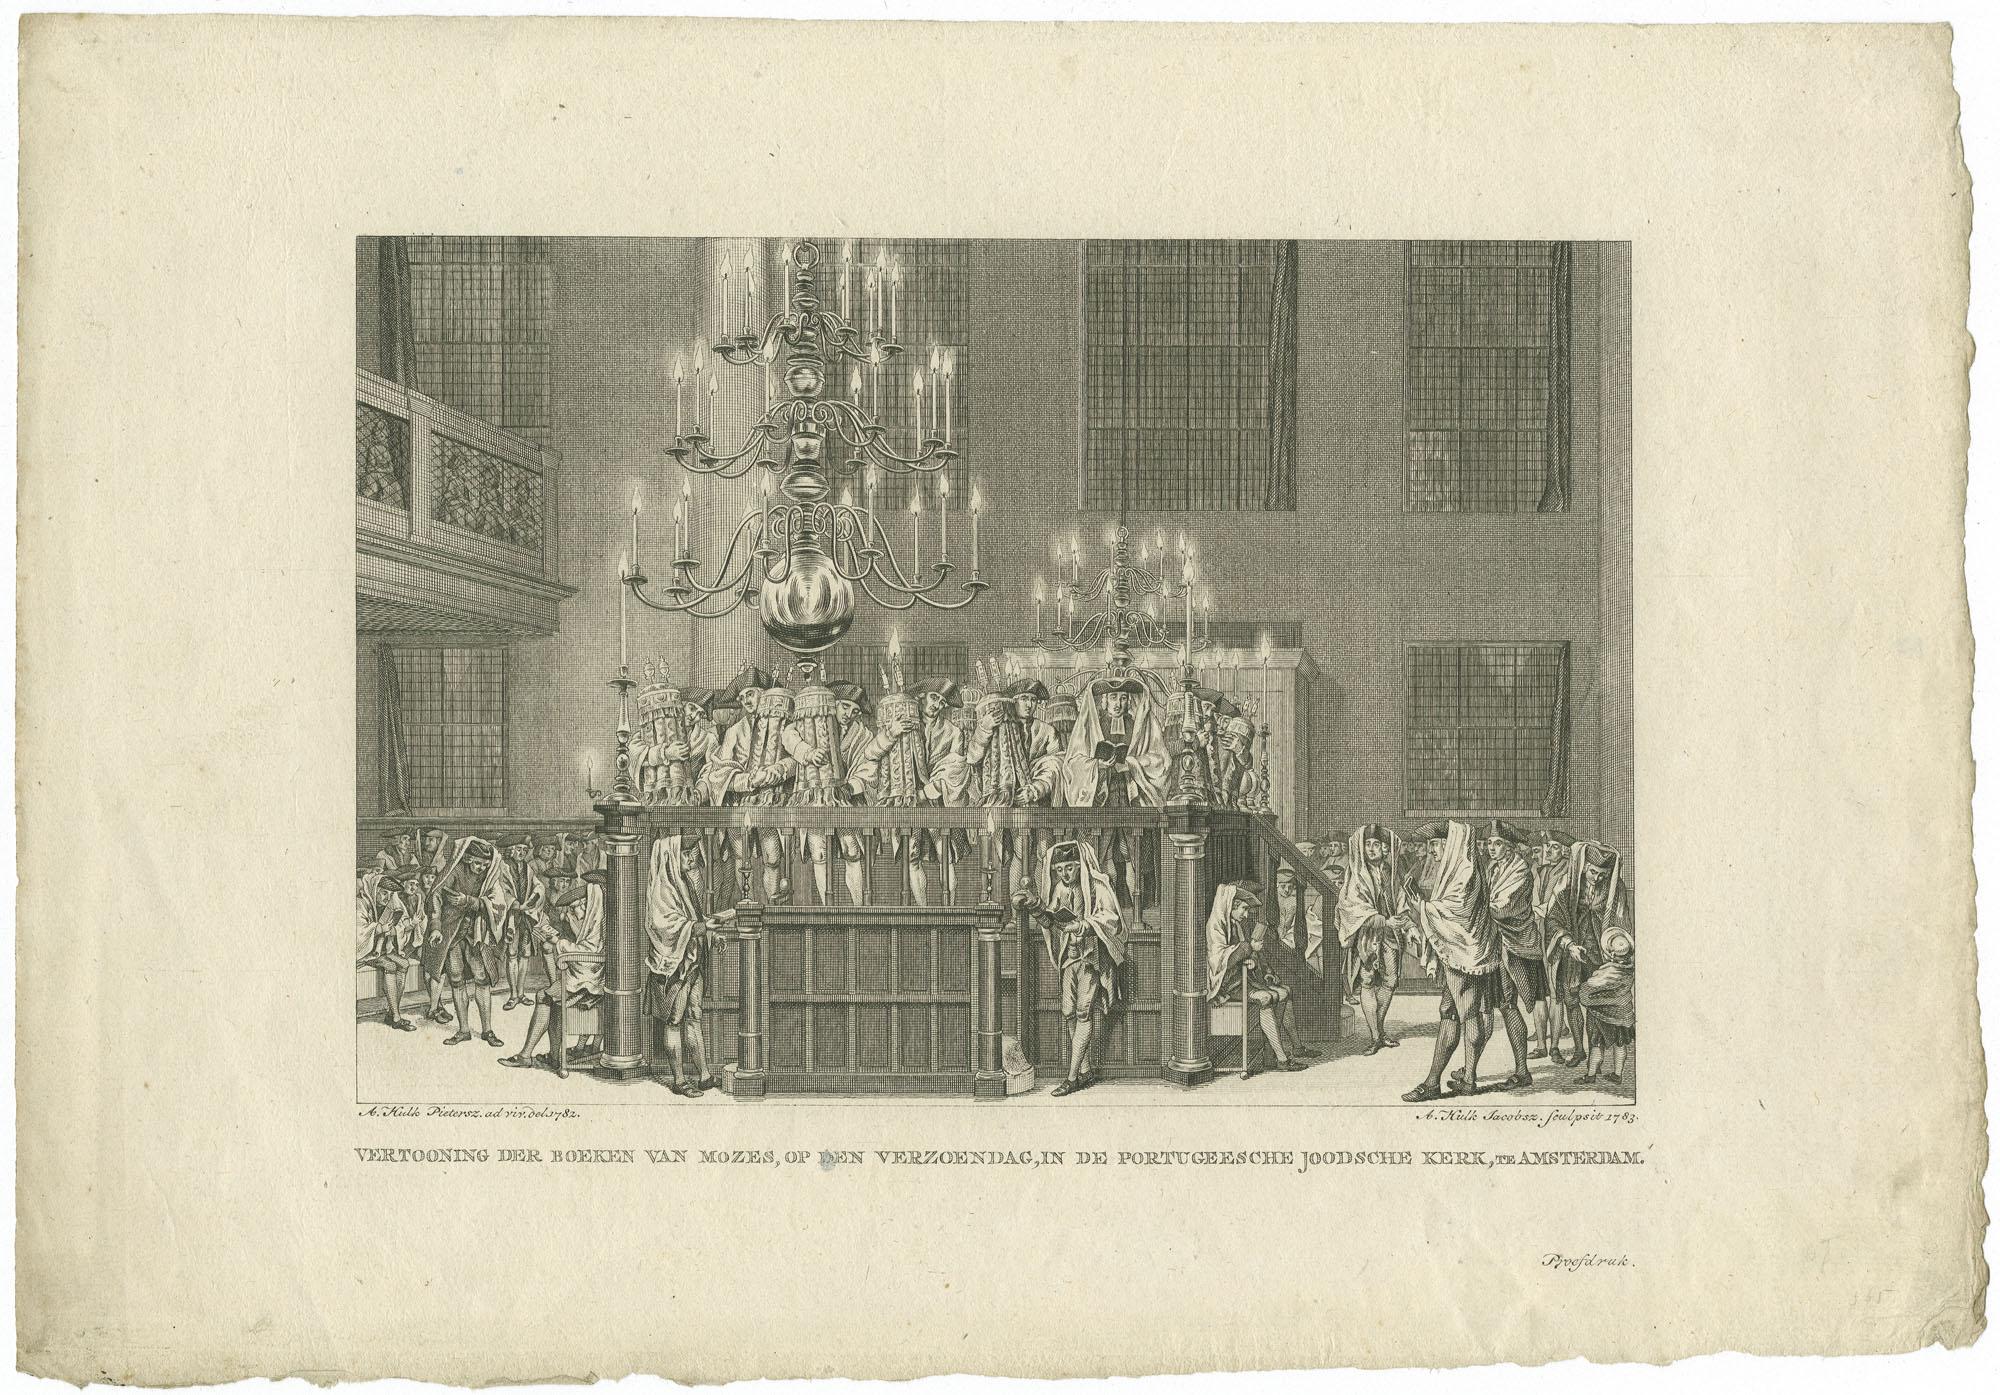 Vertooning der boeken van Mozes, op den Verzoendag, in de Portugeesche Joodsche Kerk, te Amsterdam